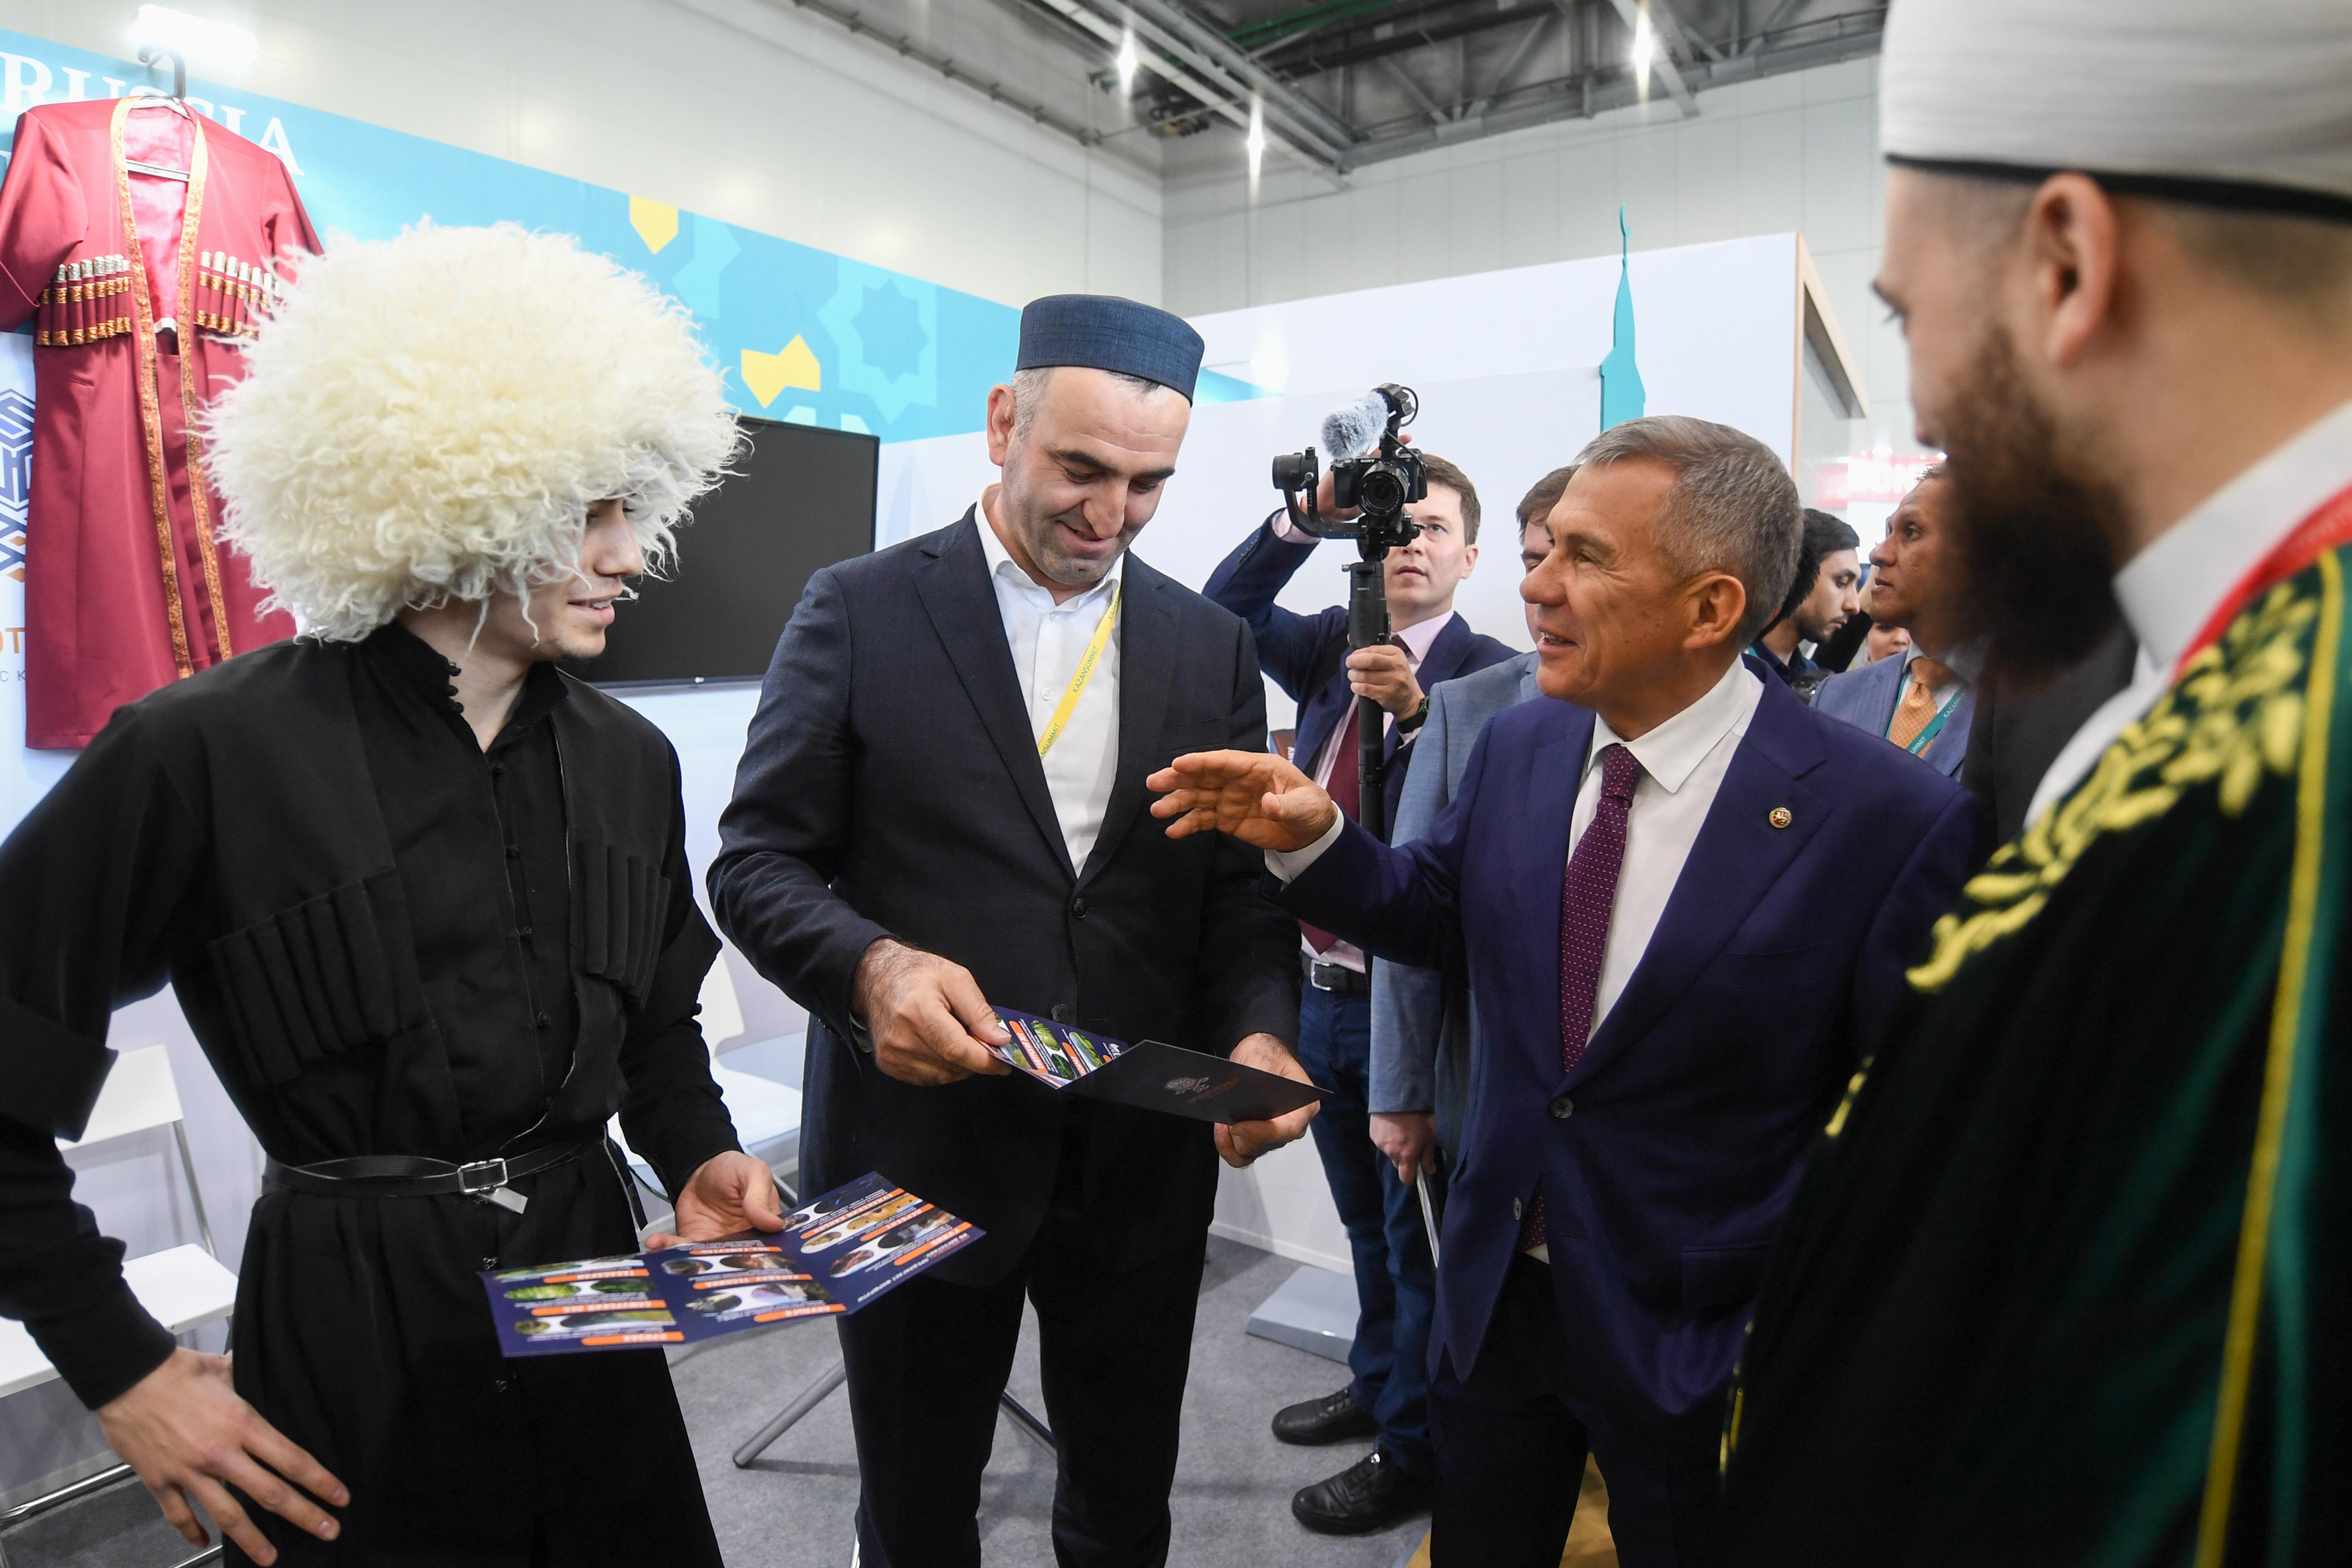 Саммит_Минниханов_Пресс-служба Президента